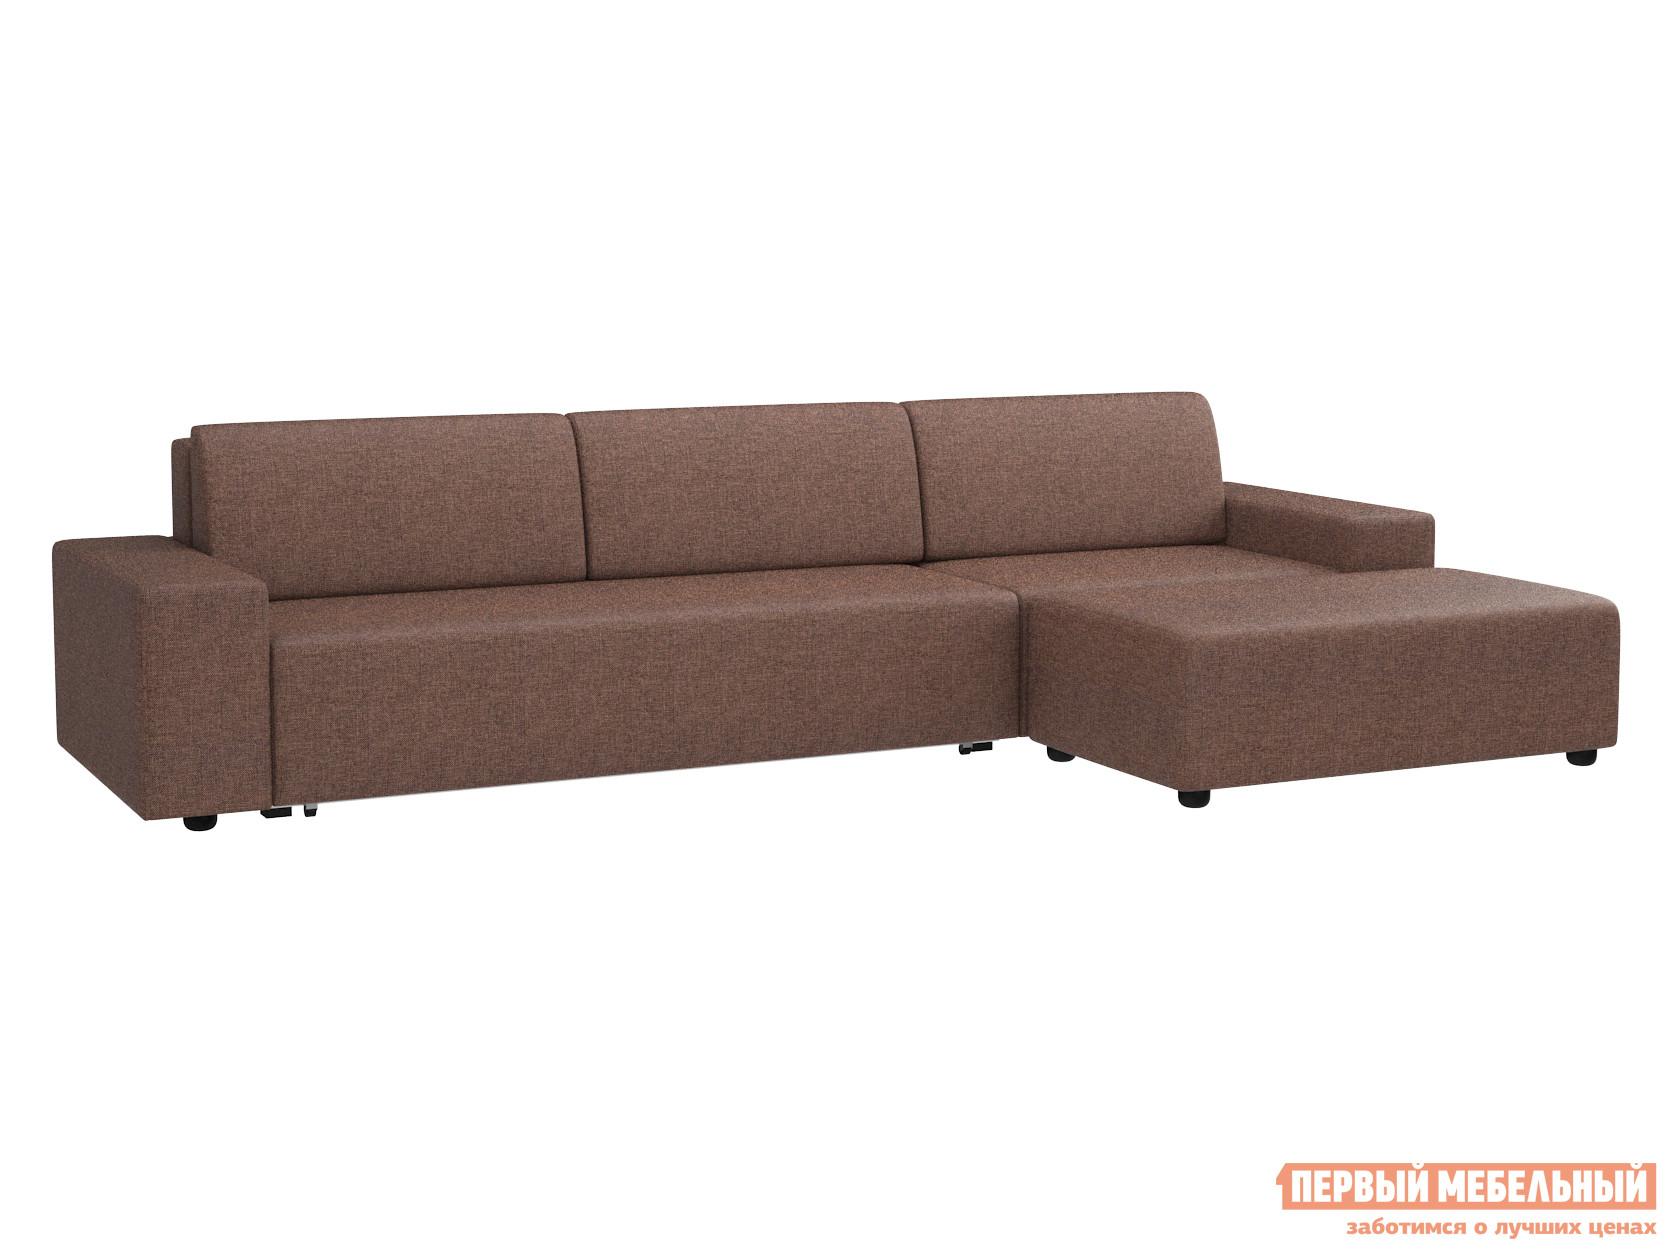 Угловой диван Первый Мебельный Малибу барбекю малибу